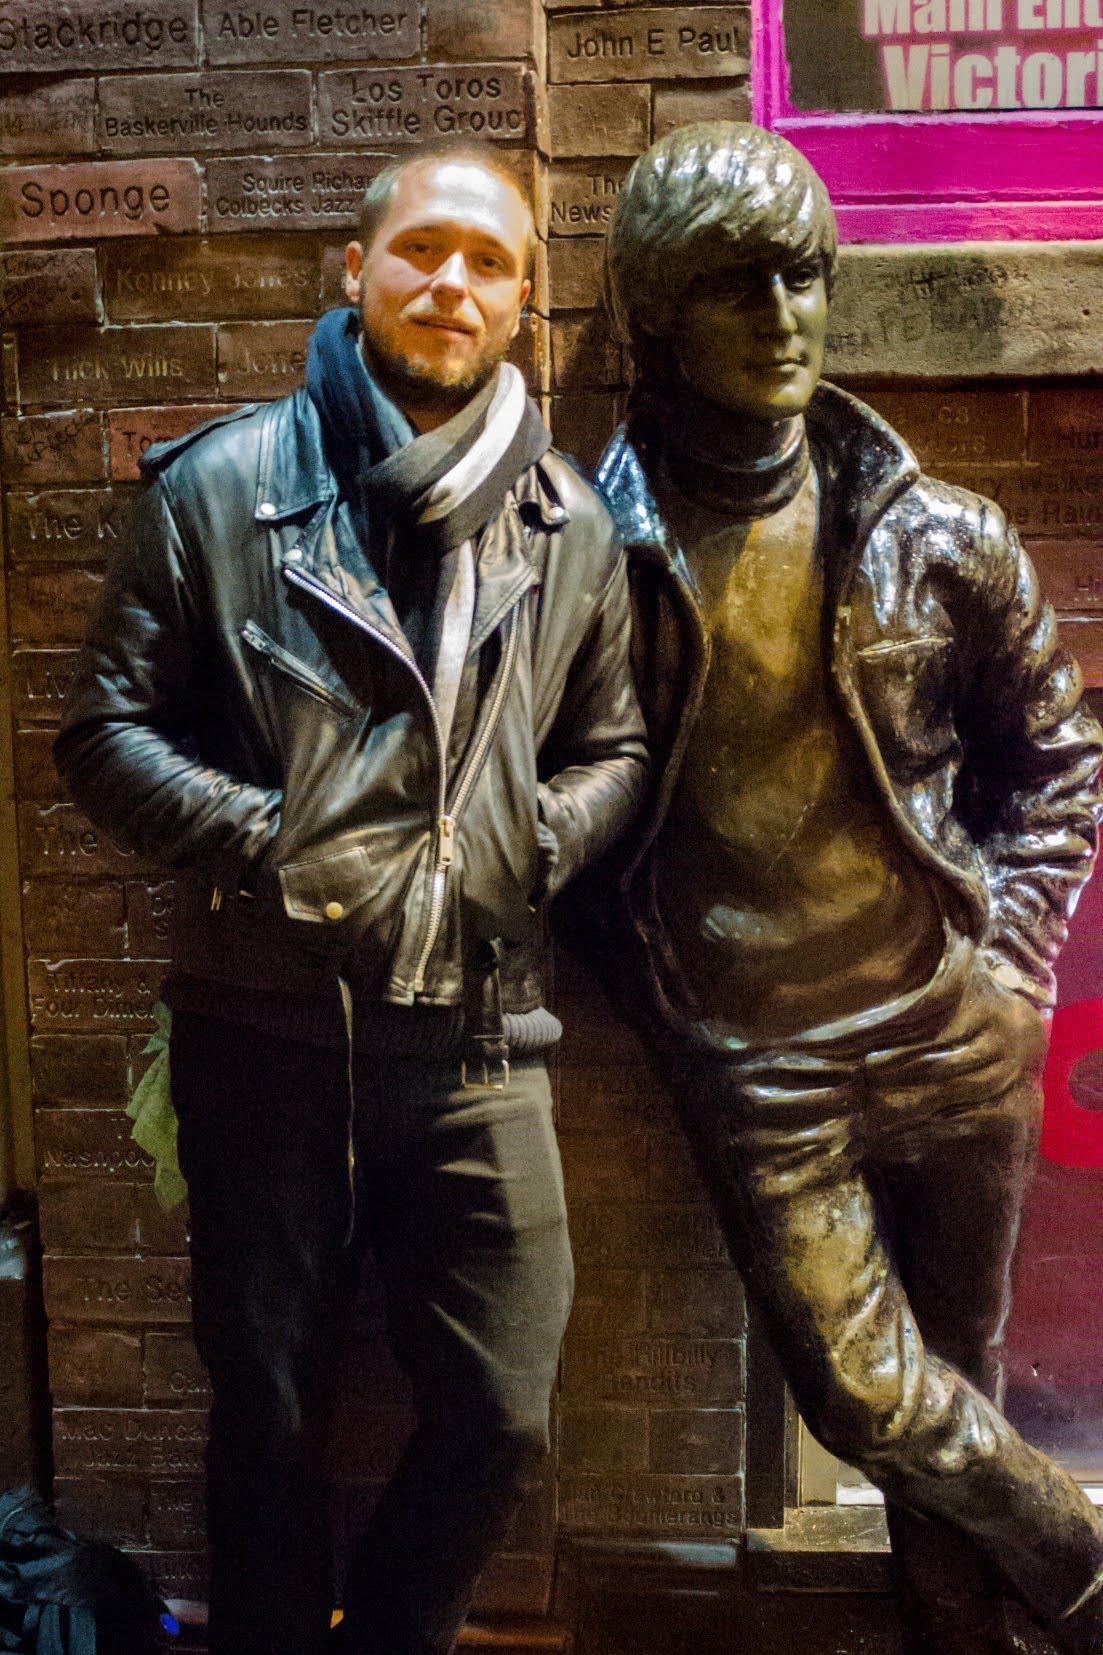 Cedric Lizotte and John Lennon's statue